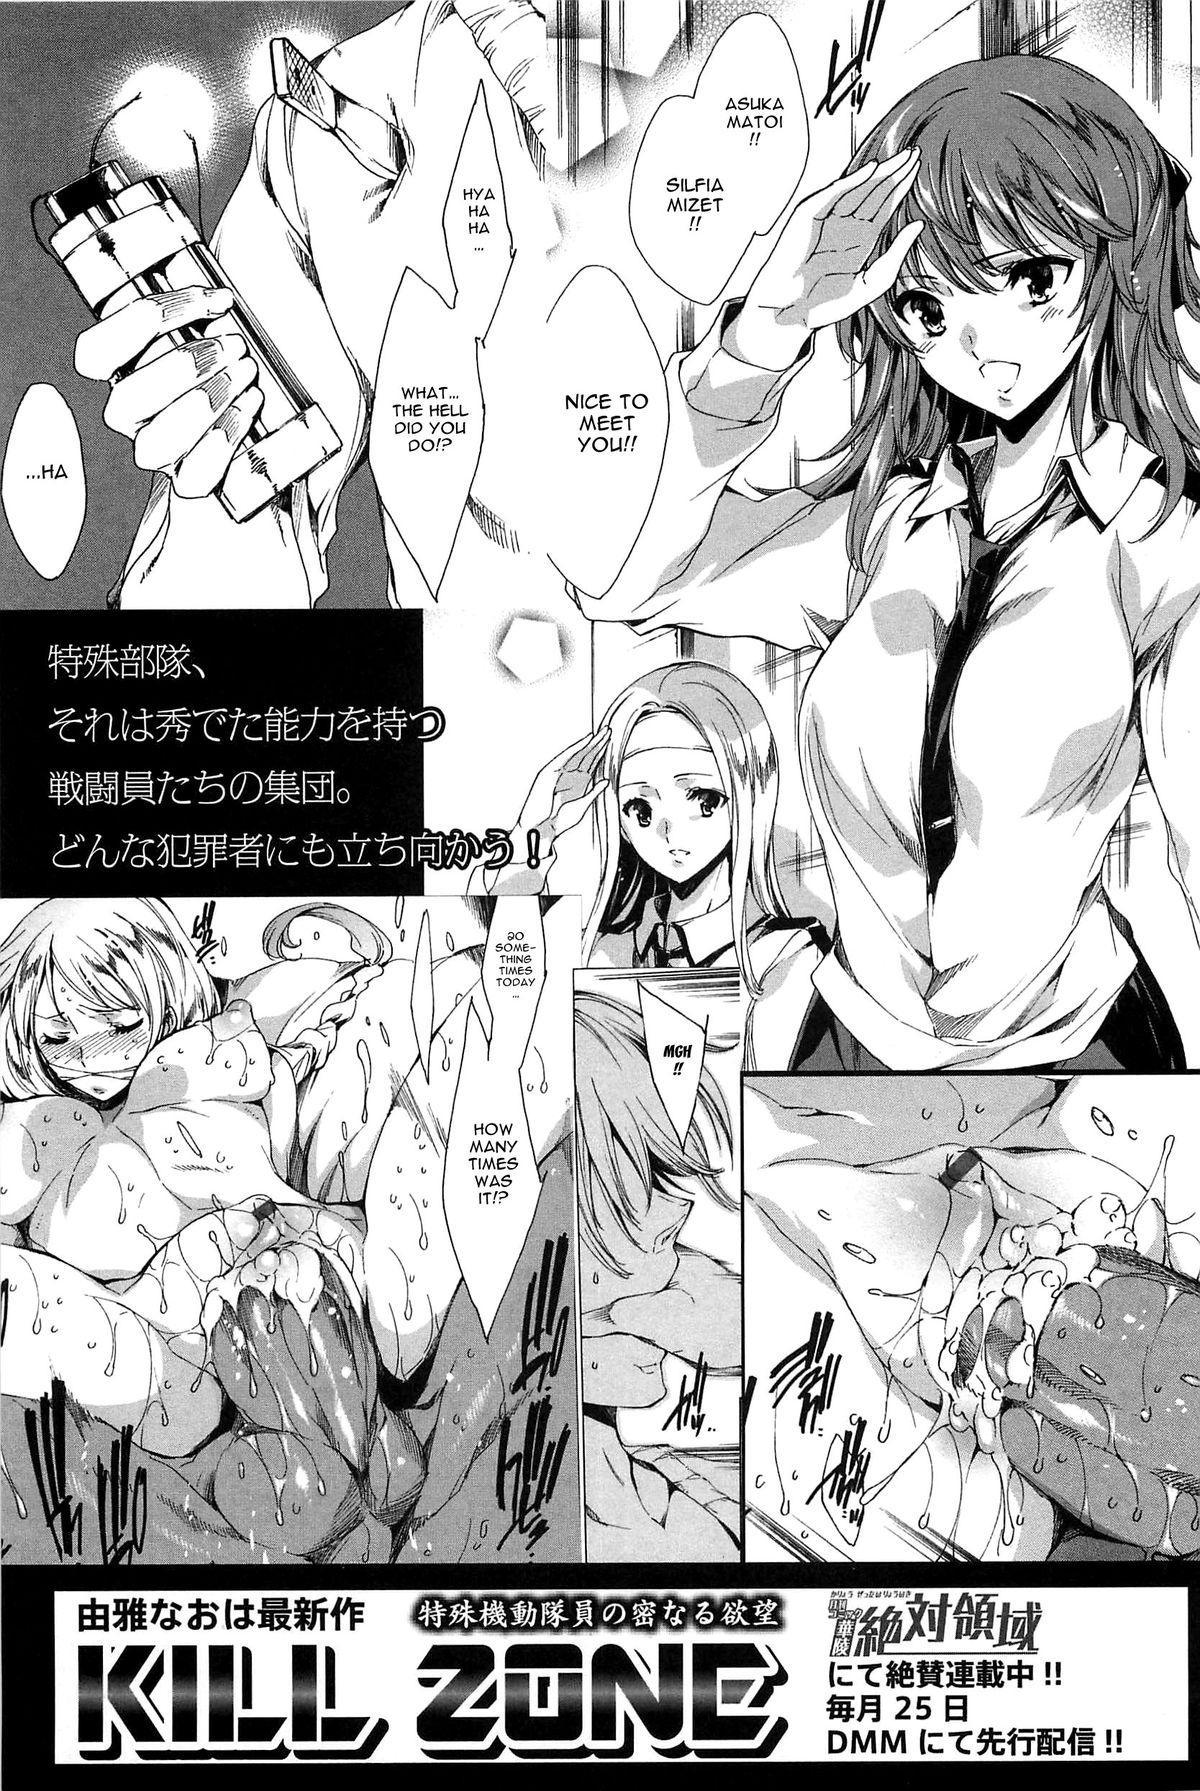 [Yuiga Naoha] Nikuyoku Rensa - NTR Kanojo   Chains of Lust - NTR Girlfriend [English] {doujin-moe.us} 226